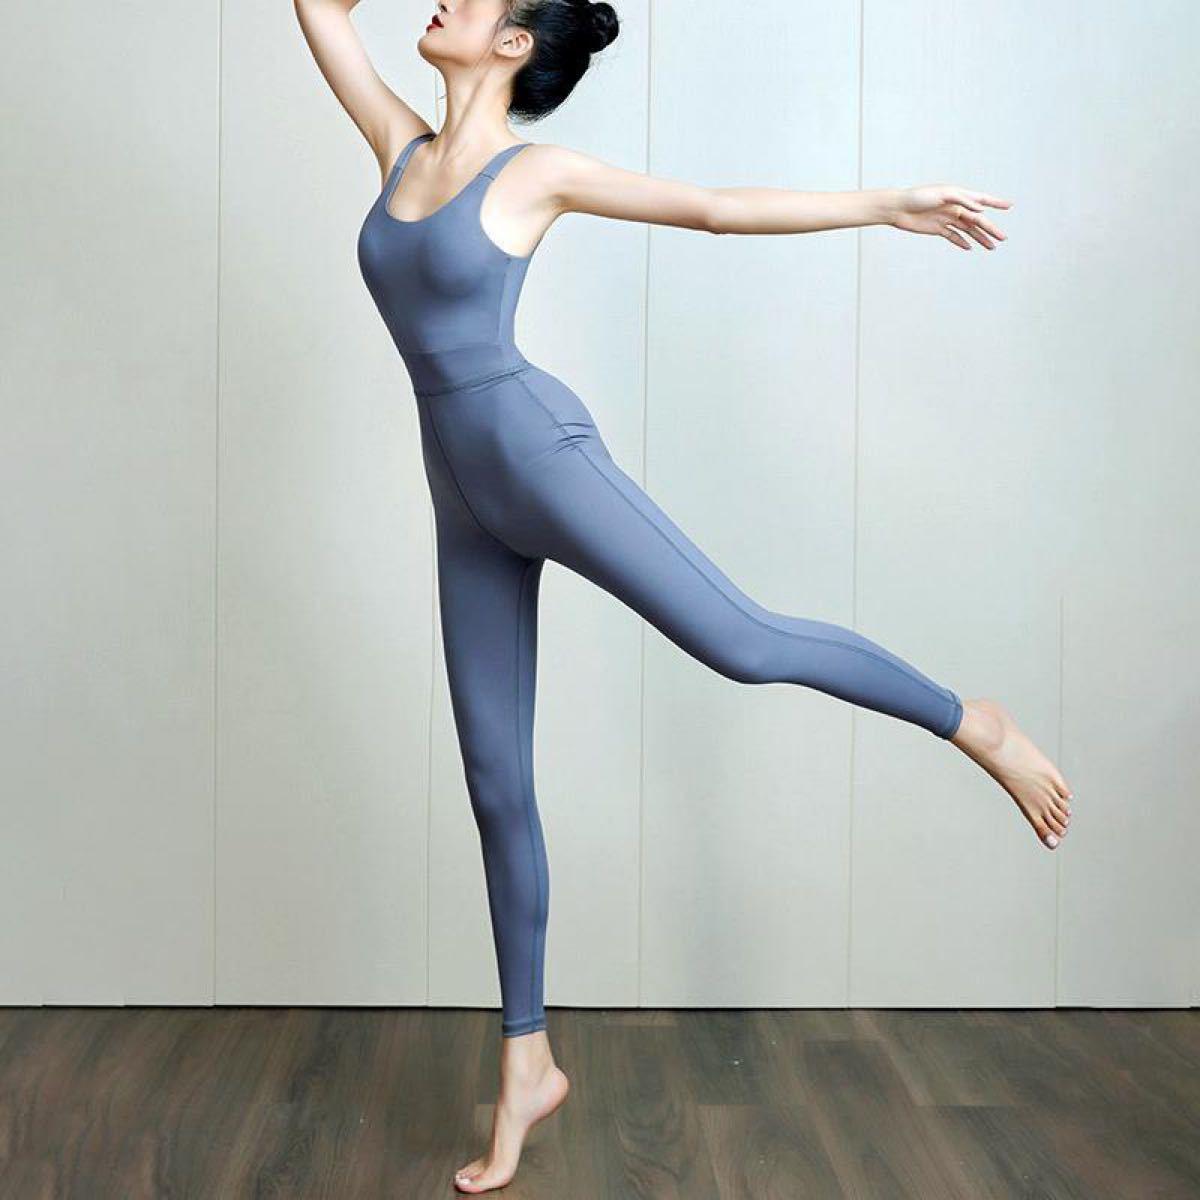 ヨガウェア ダンス衣装 オールインワン ホットヨガカップ付き ダンスヨガセット